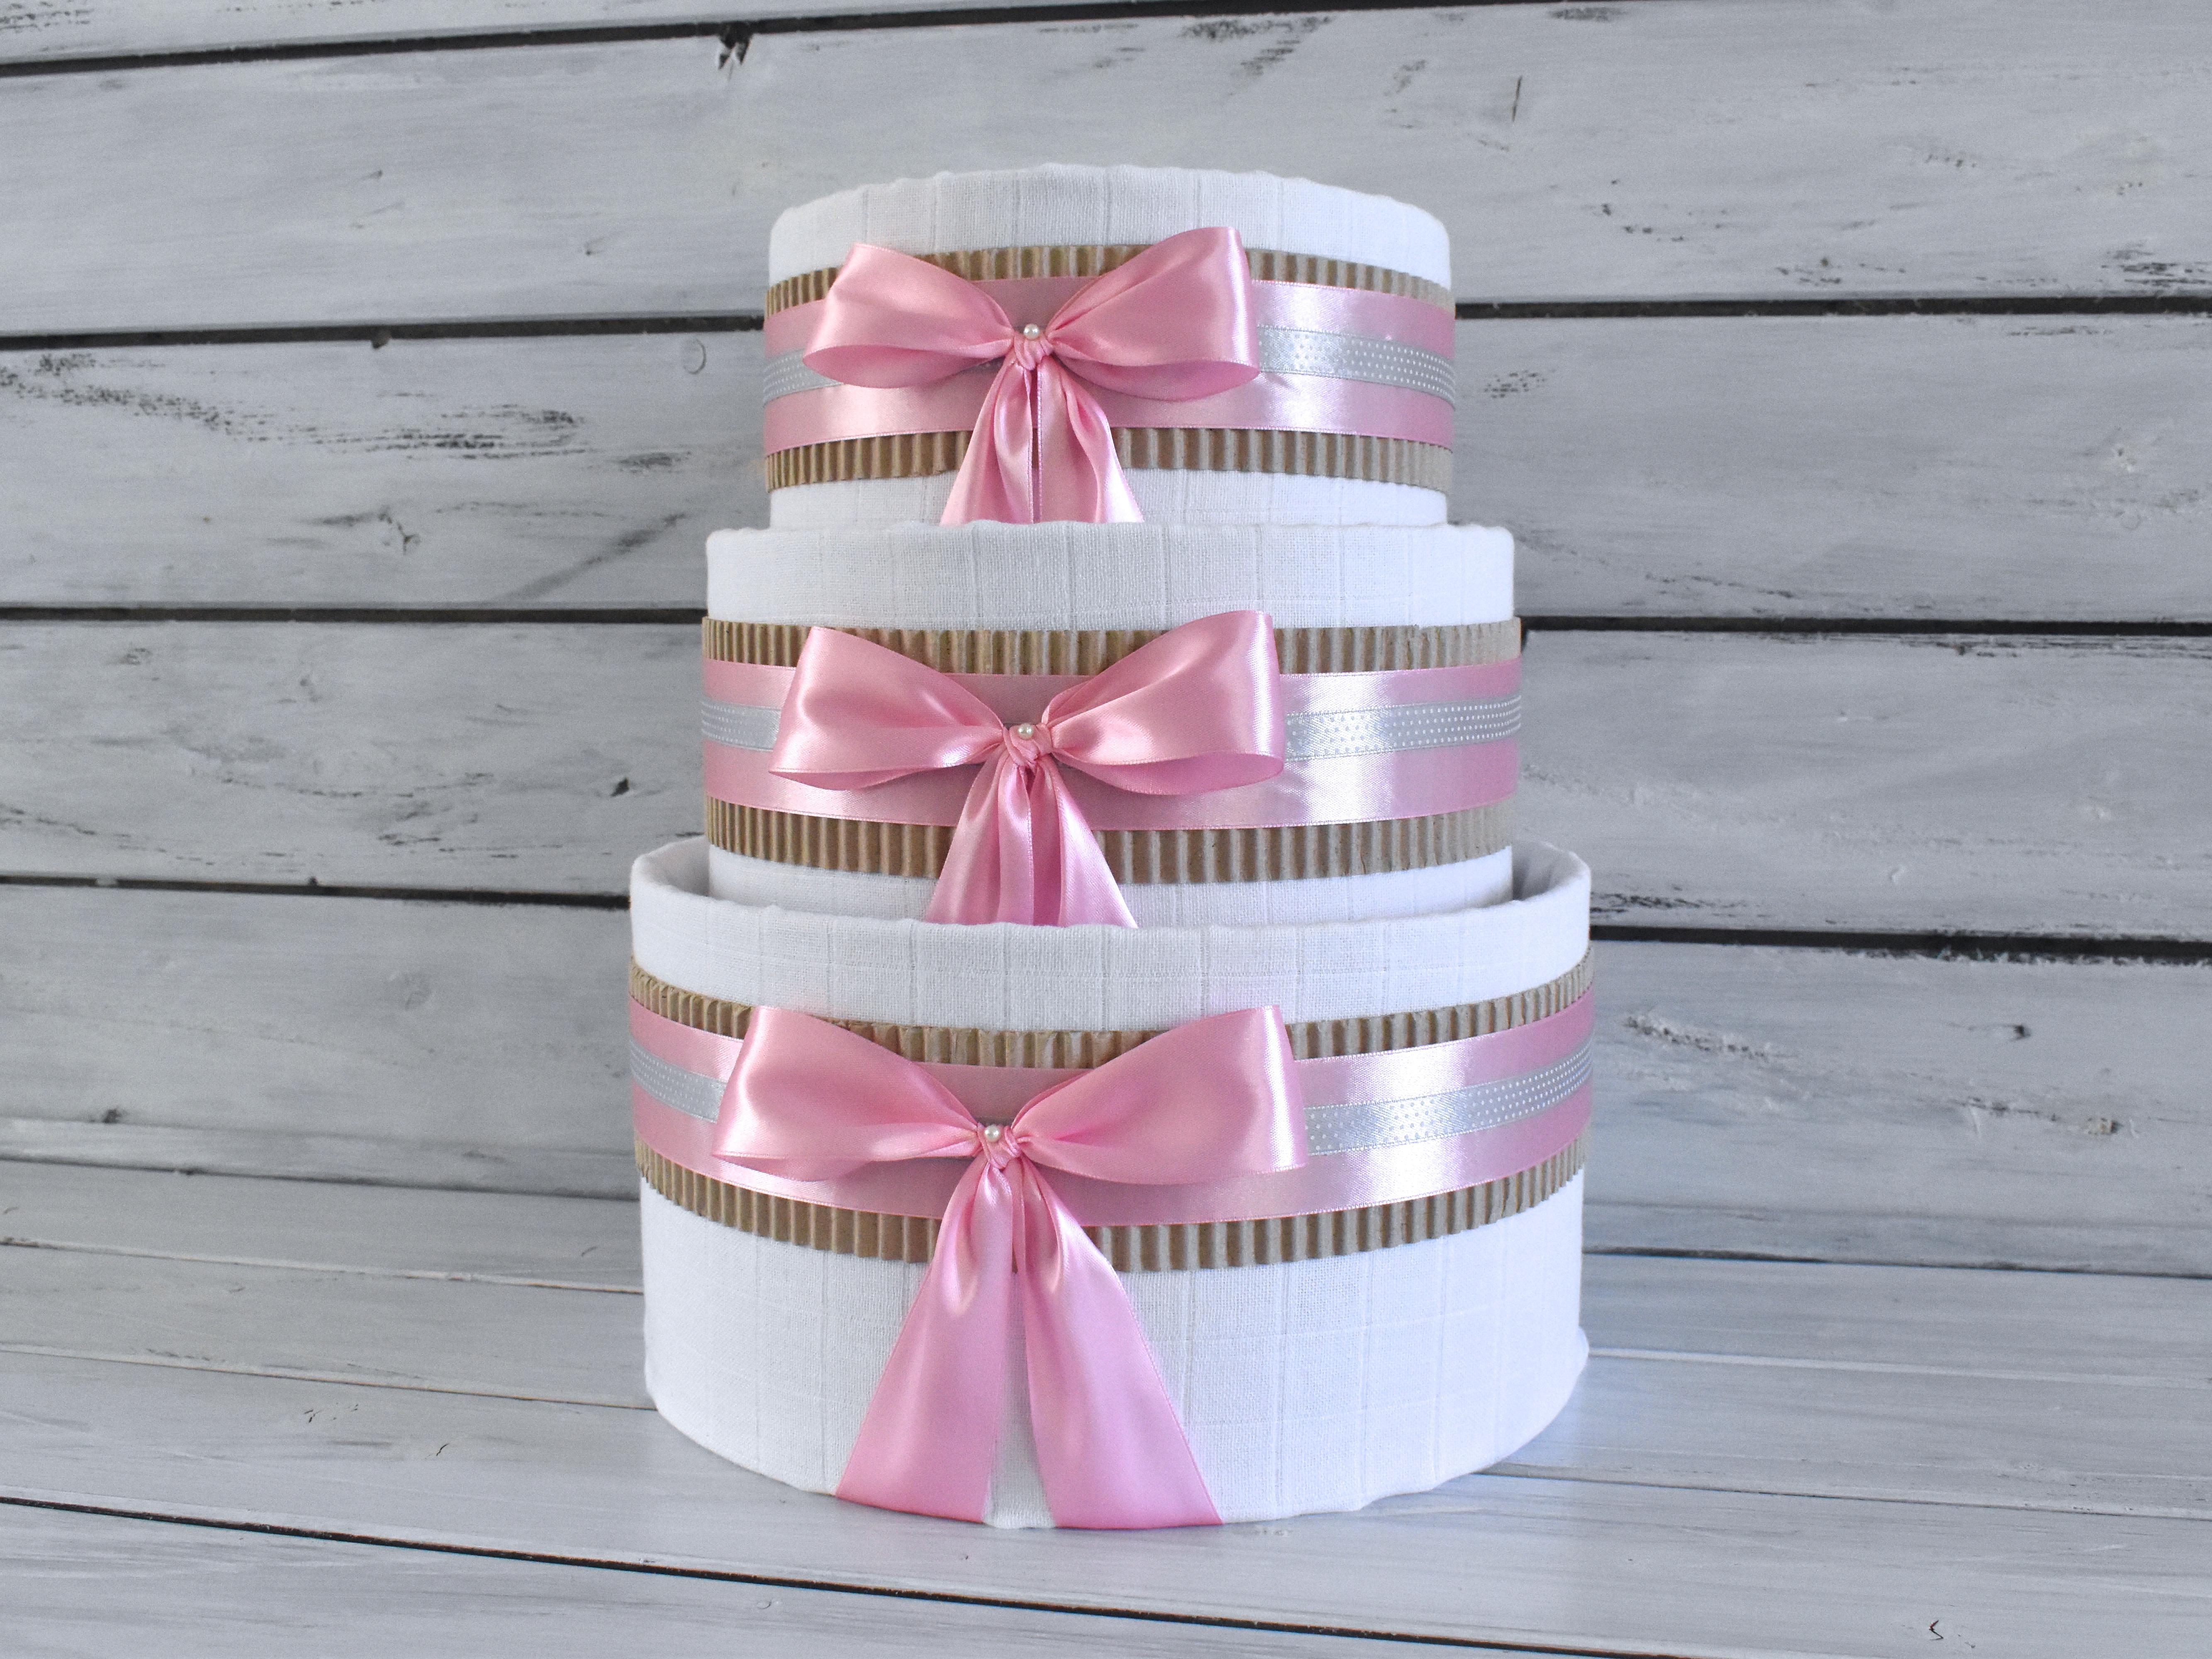 Nové plenkové dorty tvořené hlavně z plenek Pampers Premium Care